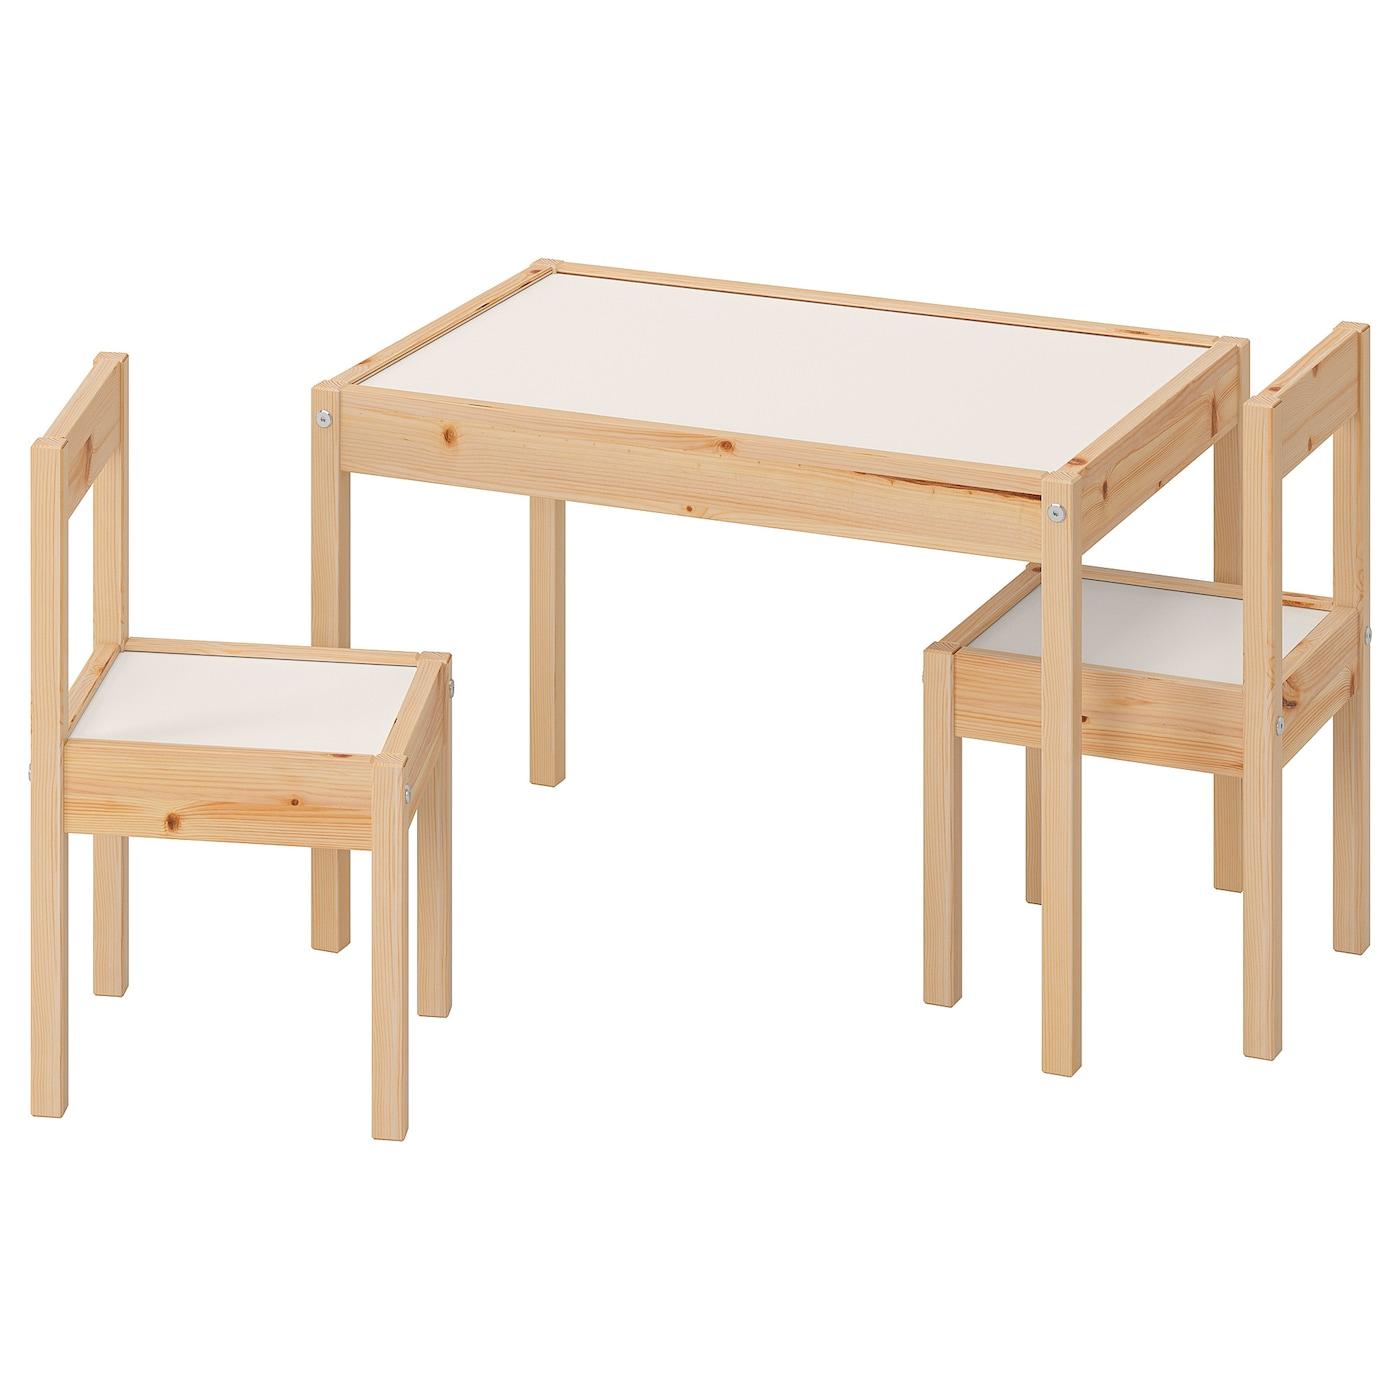 Ikea LATT Children's table and 2 chairs, white, pine